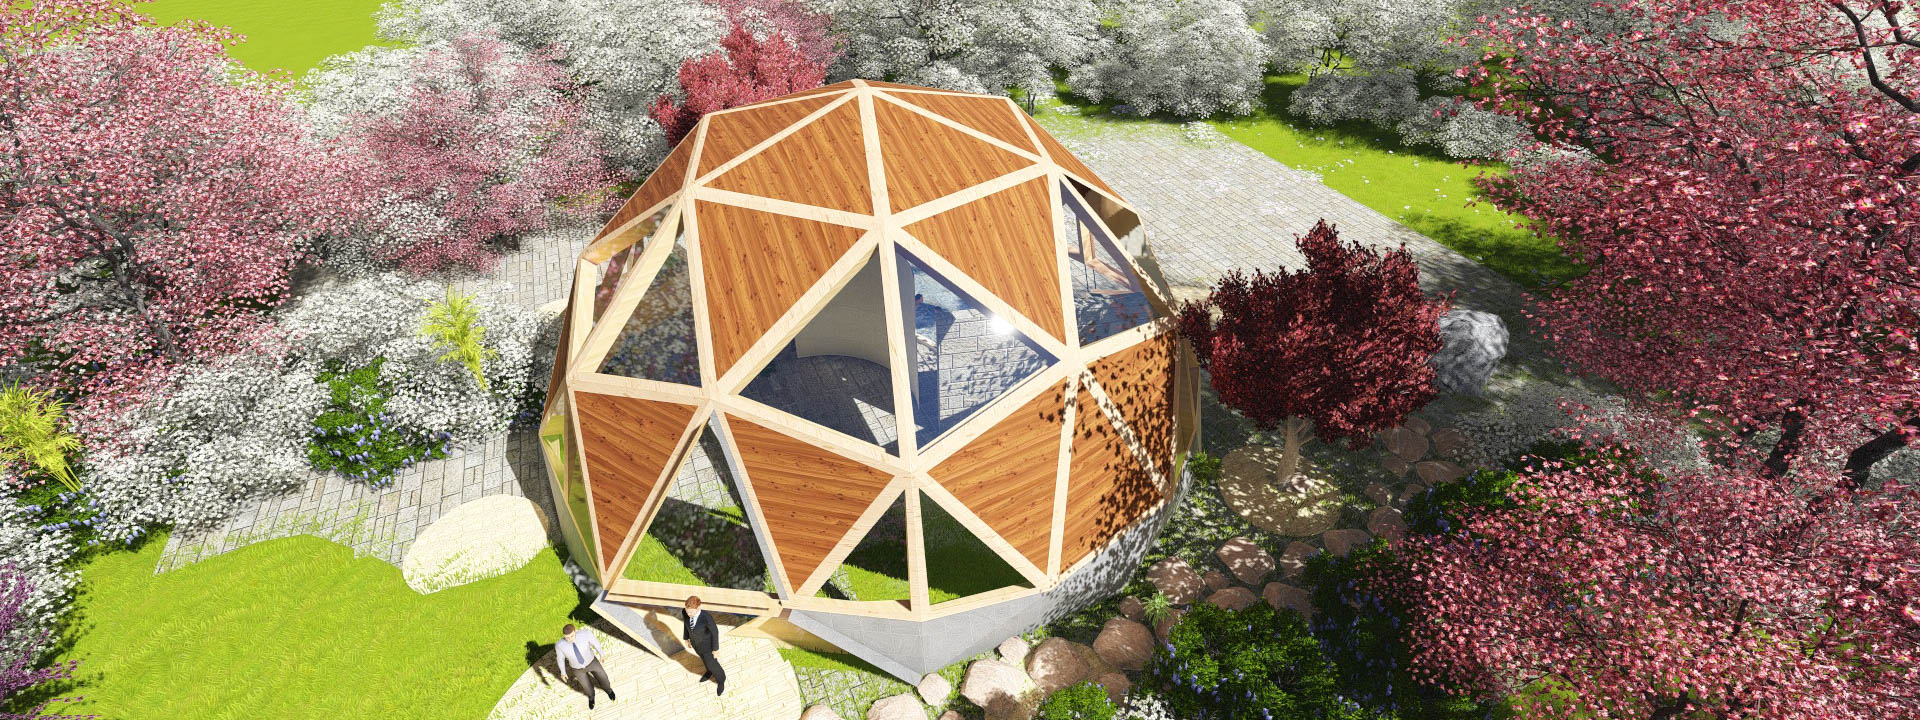 Arquitectura Sustentable : De una moda a la recuperación de los sentidos.